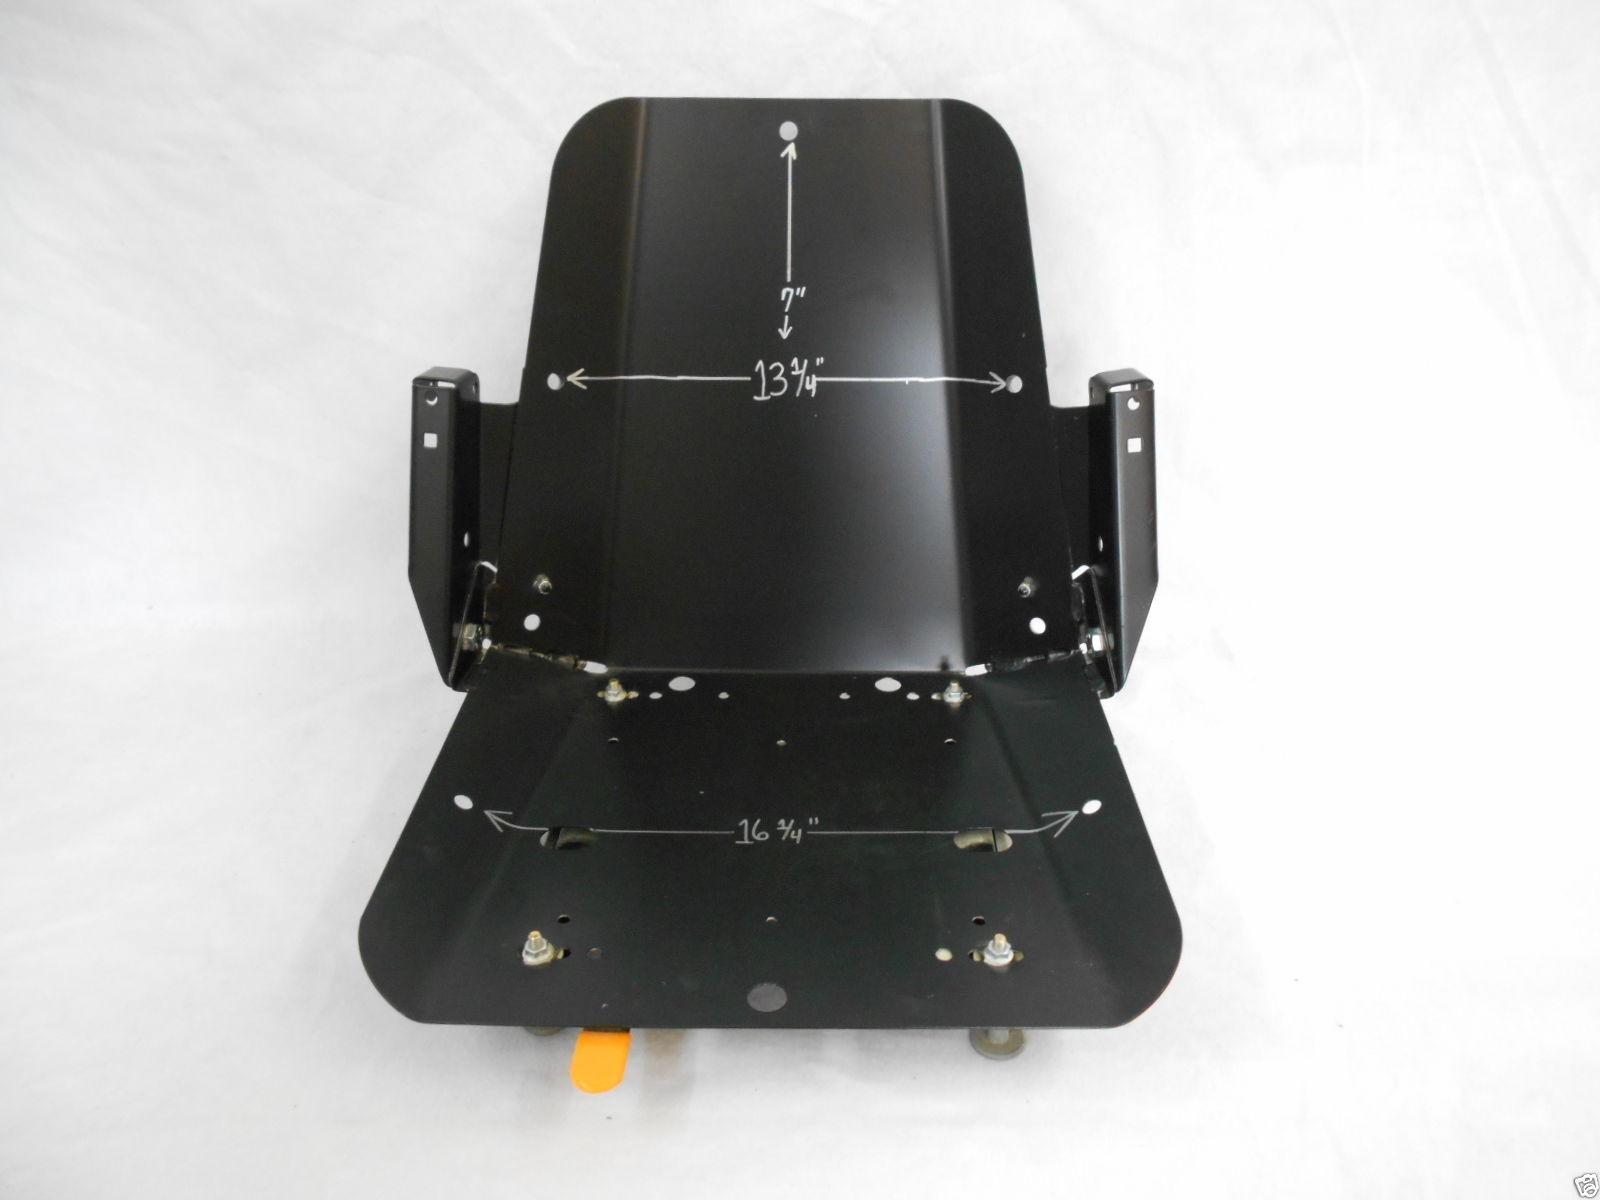 Kubota Seat Replacement : Kubota seat replacement cushion set zd zg